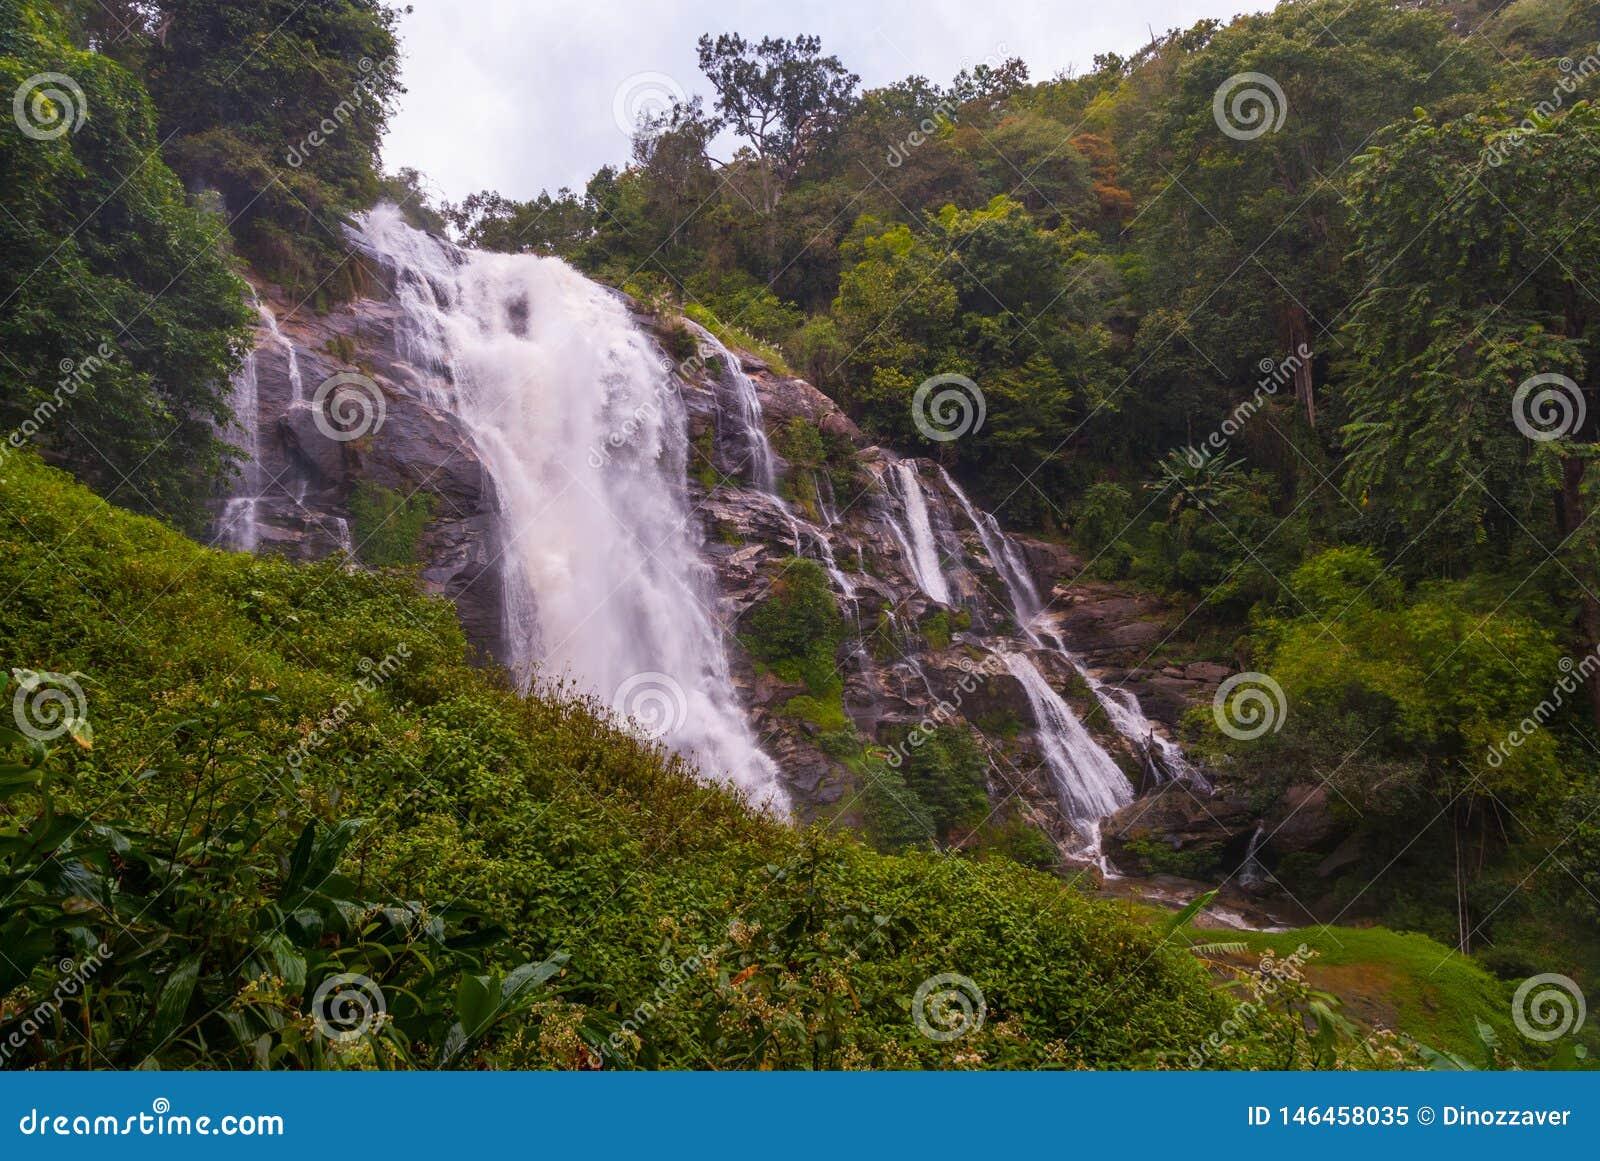 Wachirathan waterfall, Thailand